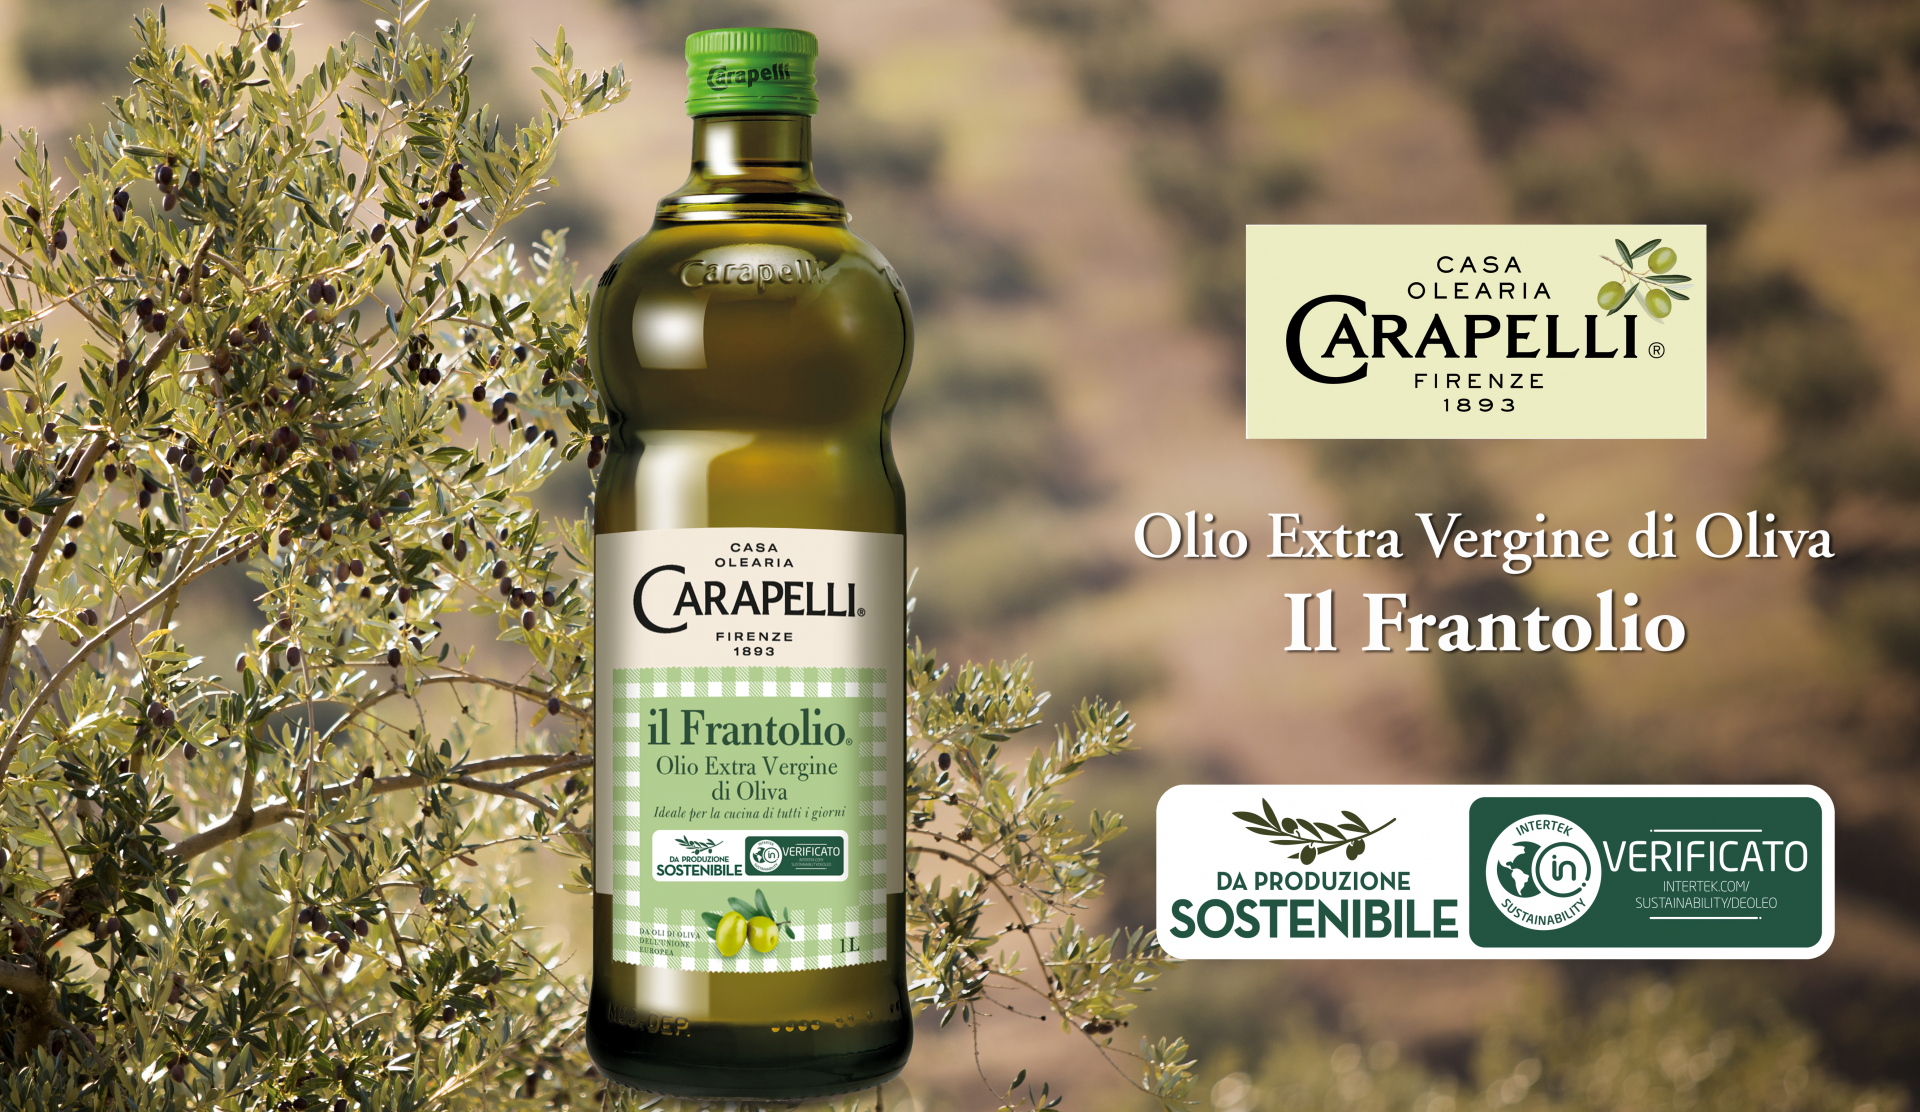 Un nuovo modo di intendere l'olio extra vergine di oliva è possibile